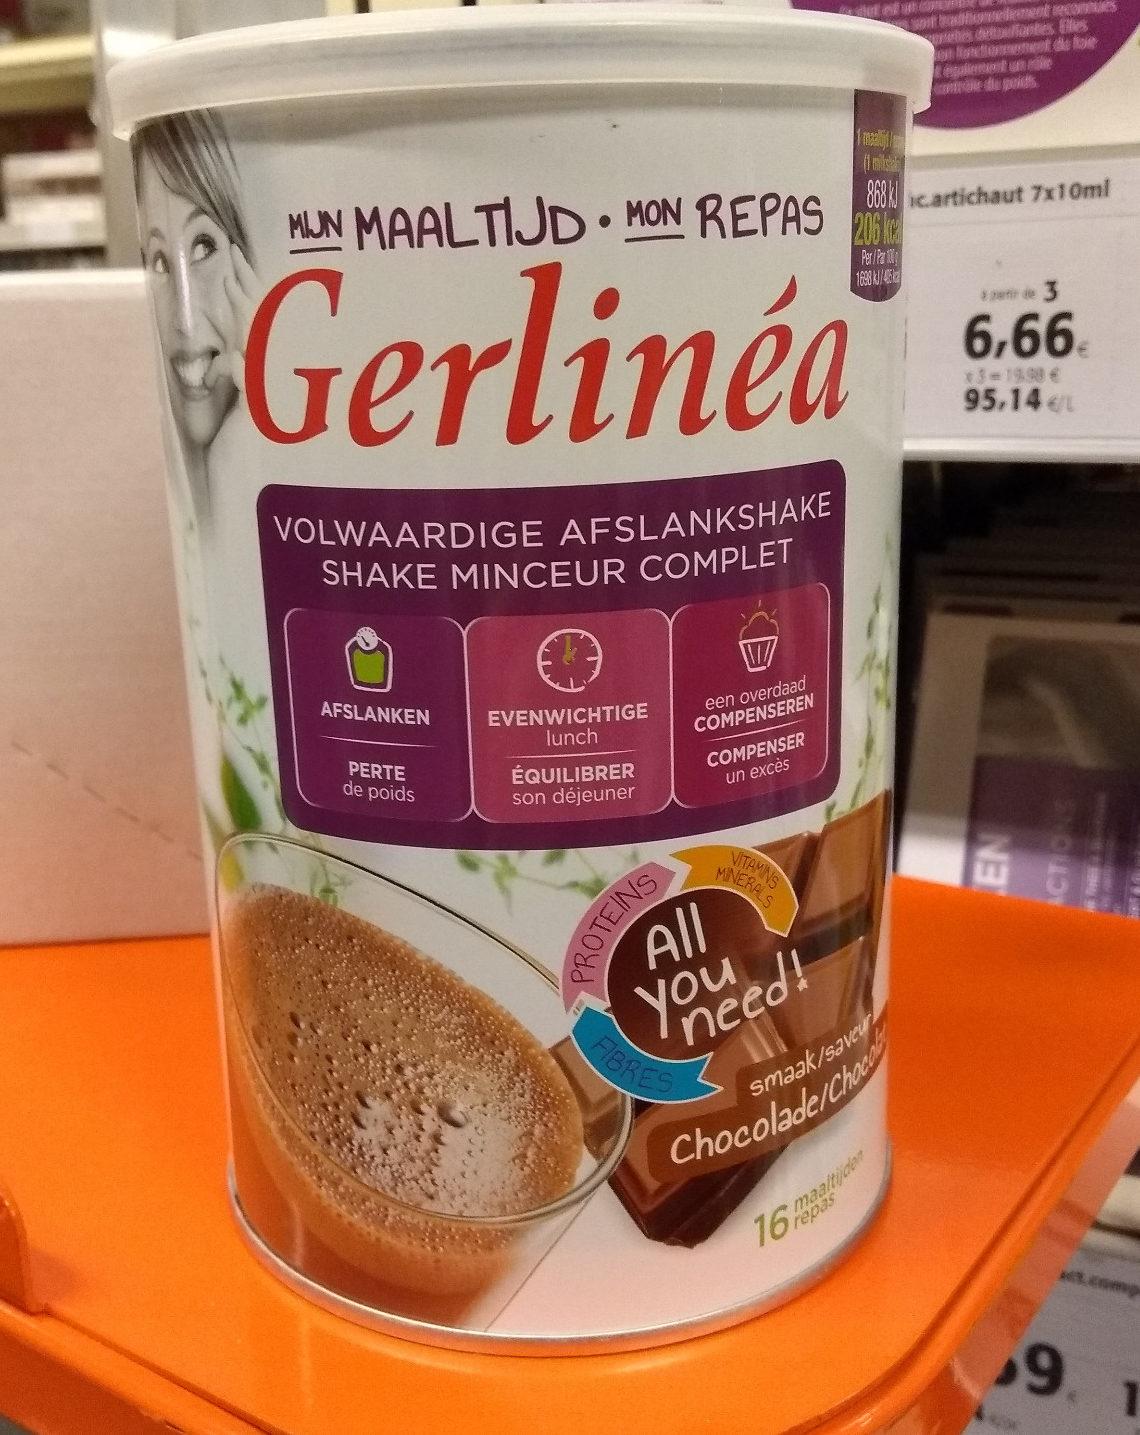 Gerlinéa Mon Repas Shake Minceur Complet Saveur Chocolat - Product - fr